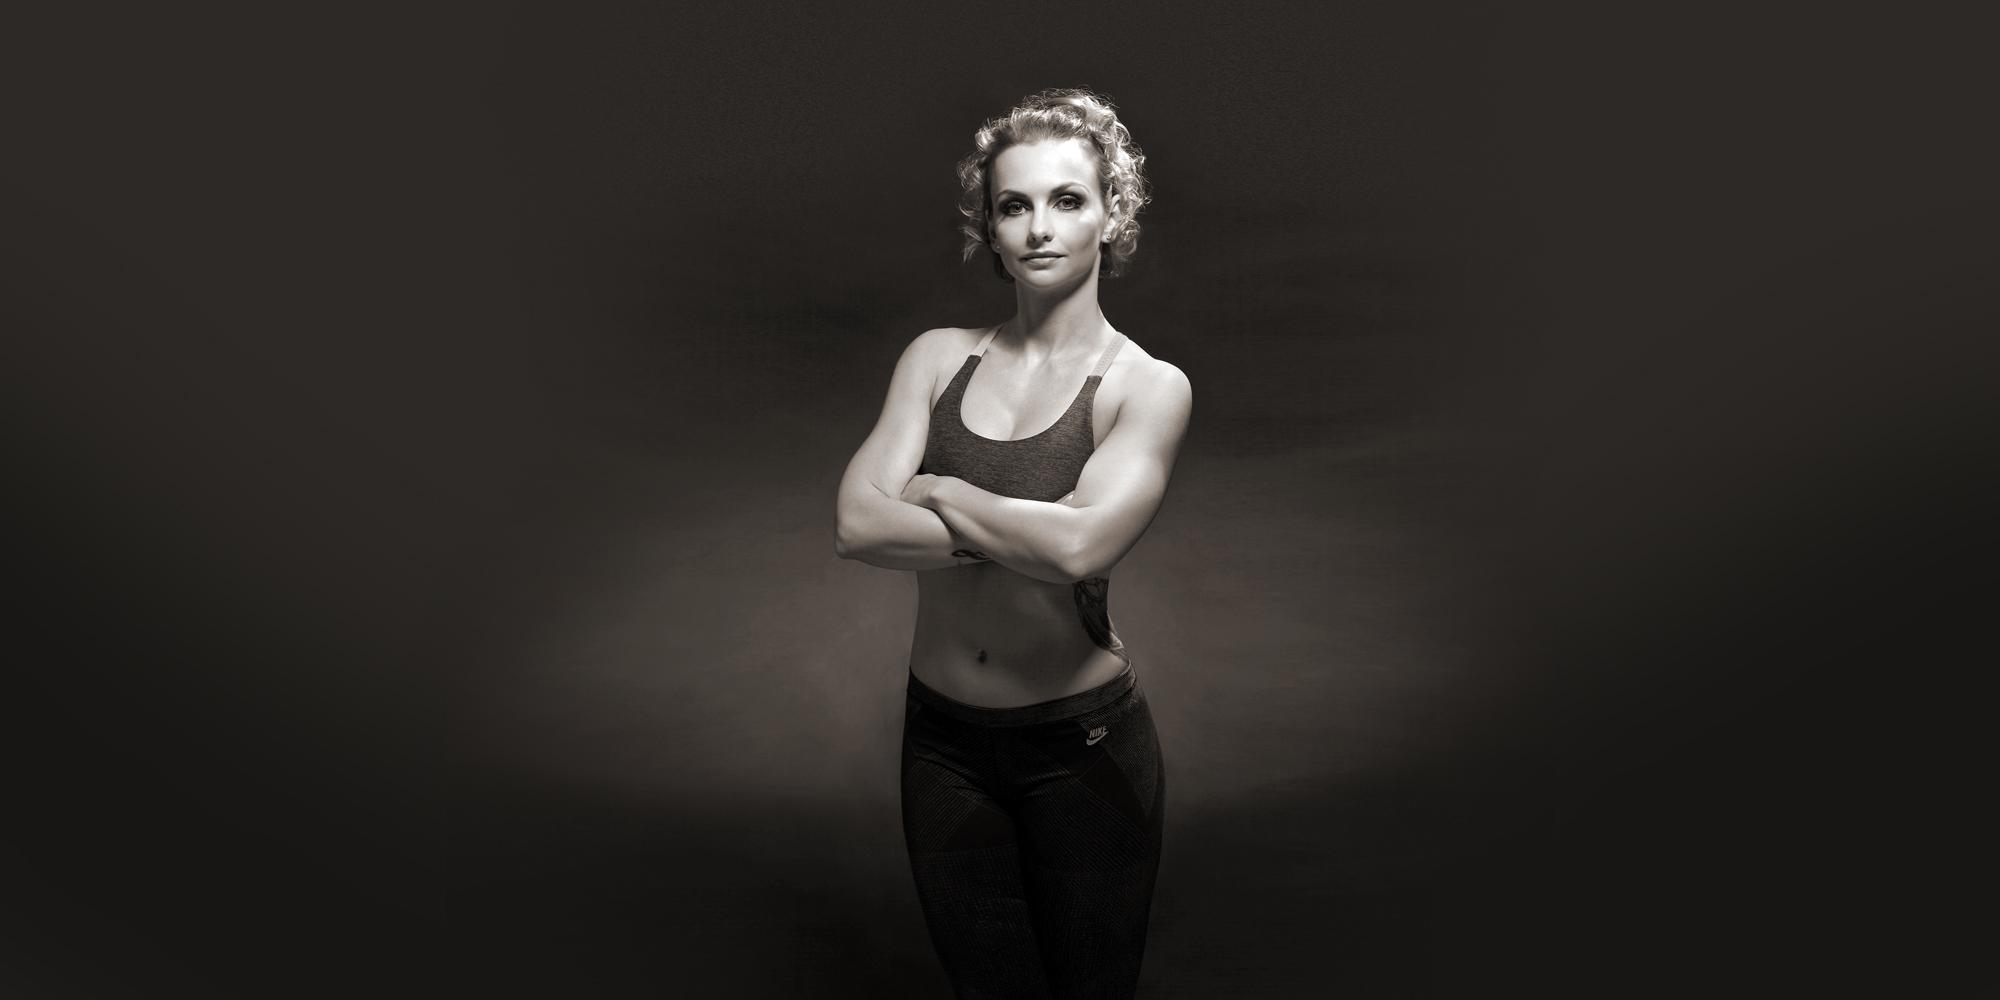 Frontportrait in schwarz-weiß einer Frau in sportlichem Outfit und mit neutralem Gesichtsausdruck, die ihre Arme vor der Brust gekreuzt hat.